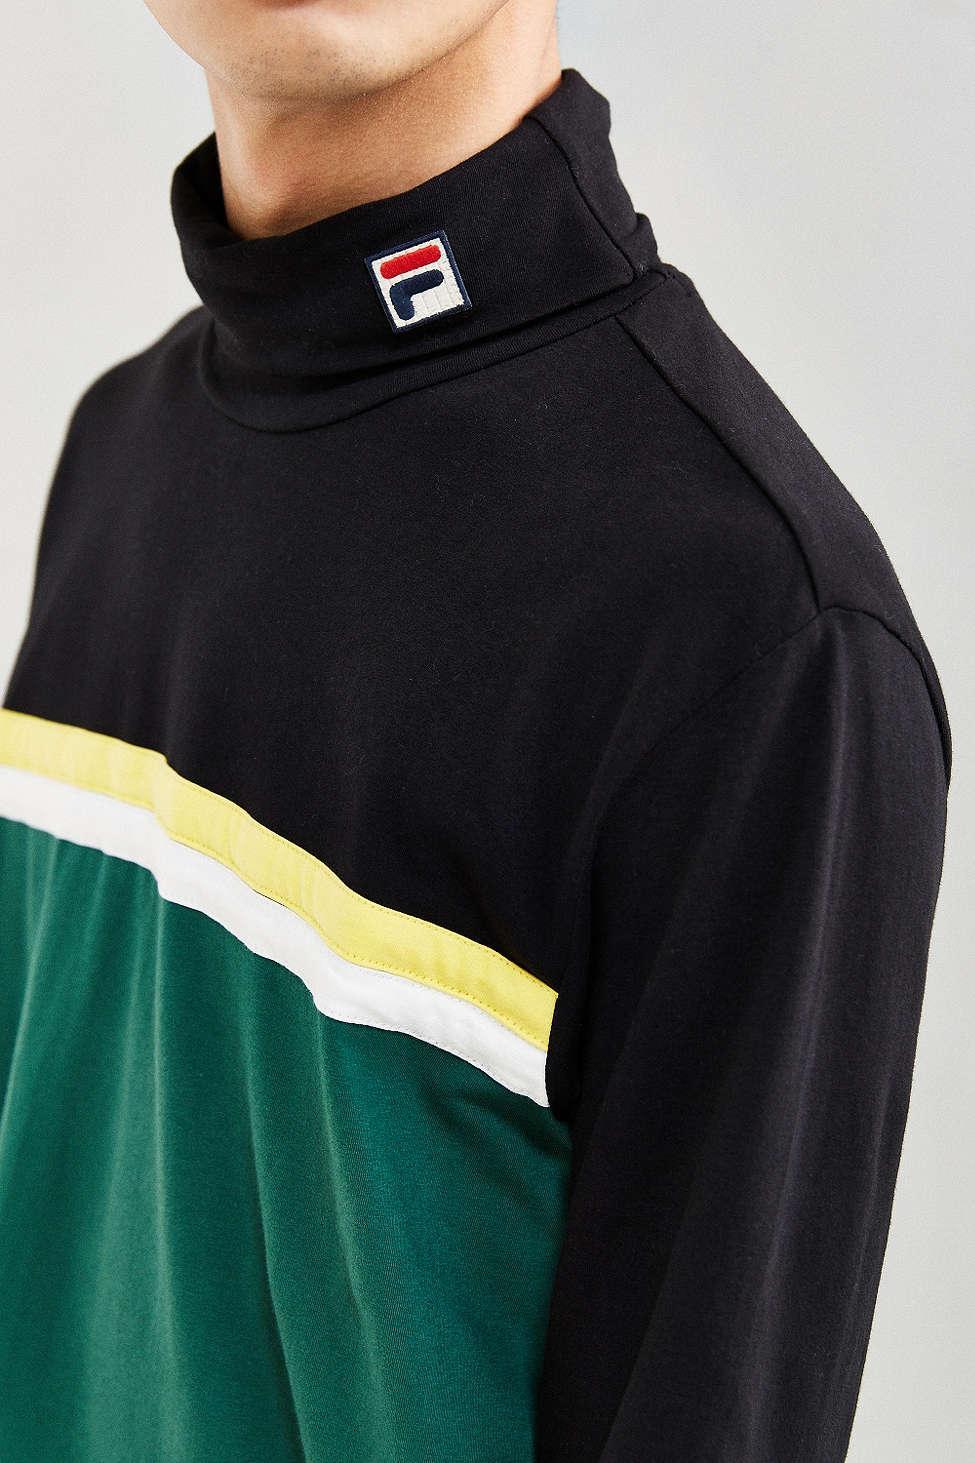 różne kolory za kilka dni 100% najwyższej jakości + Uo Bormino Turtleneck Shirt